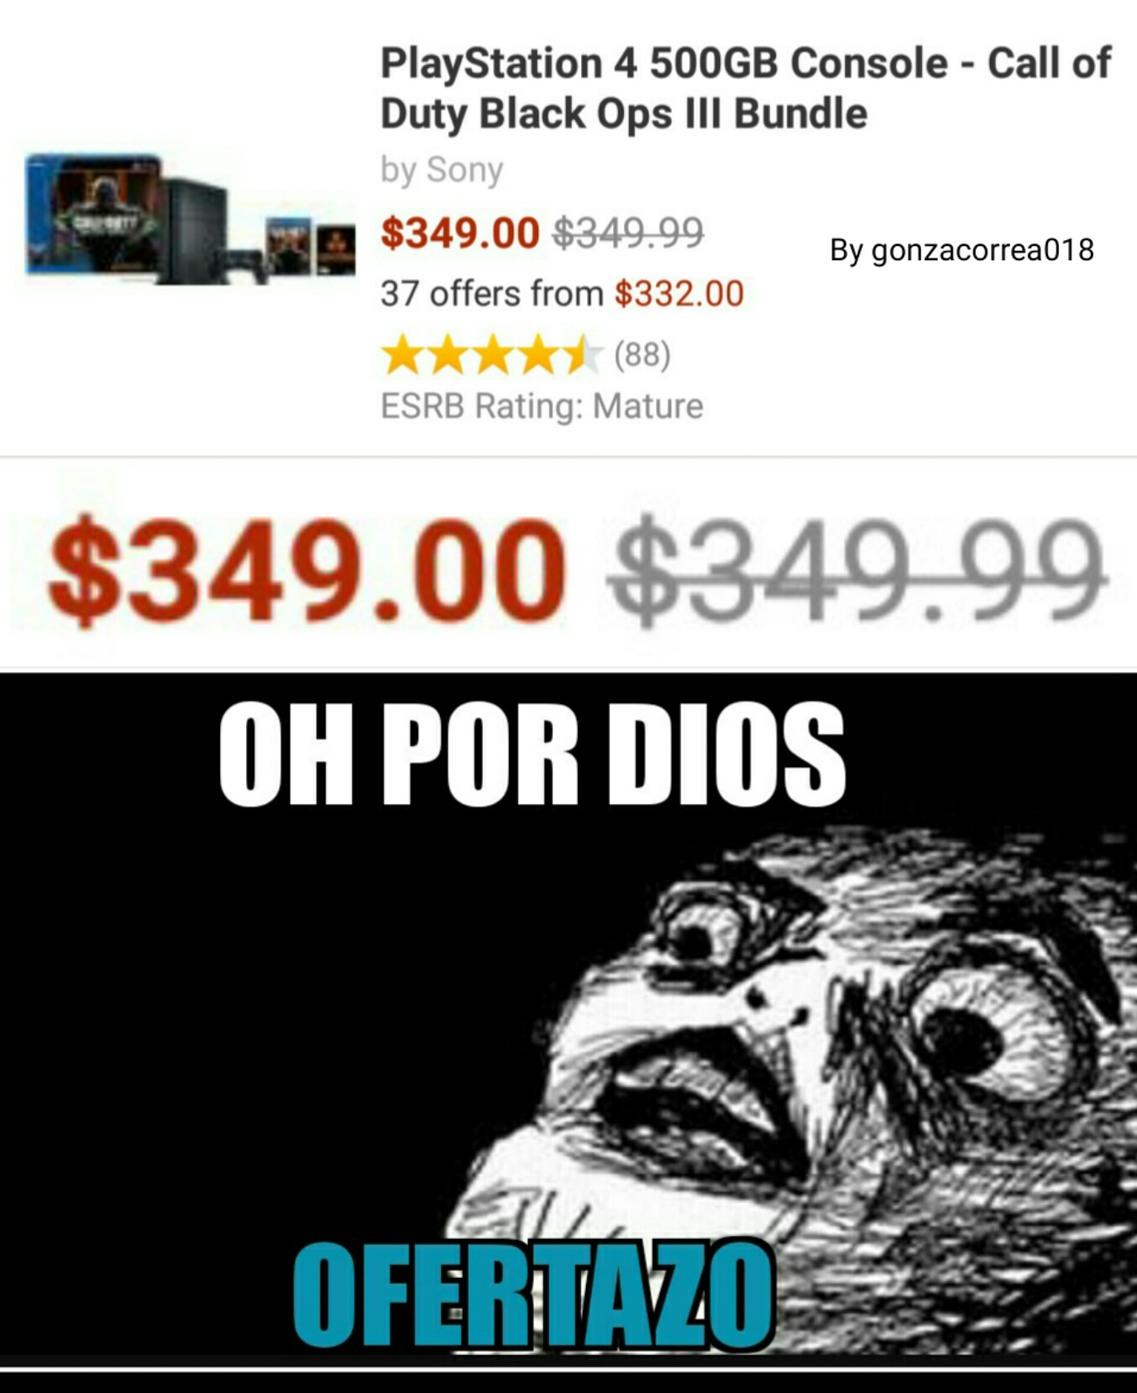 OH POR DIOS! (Si no me creen, busquen en Amazon xD) - meme